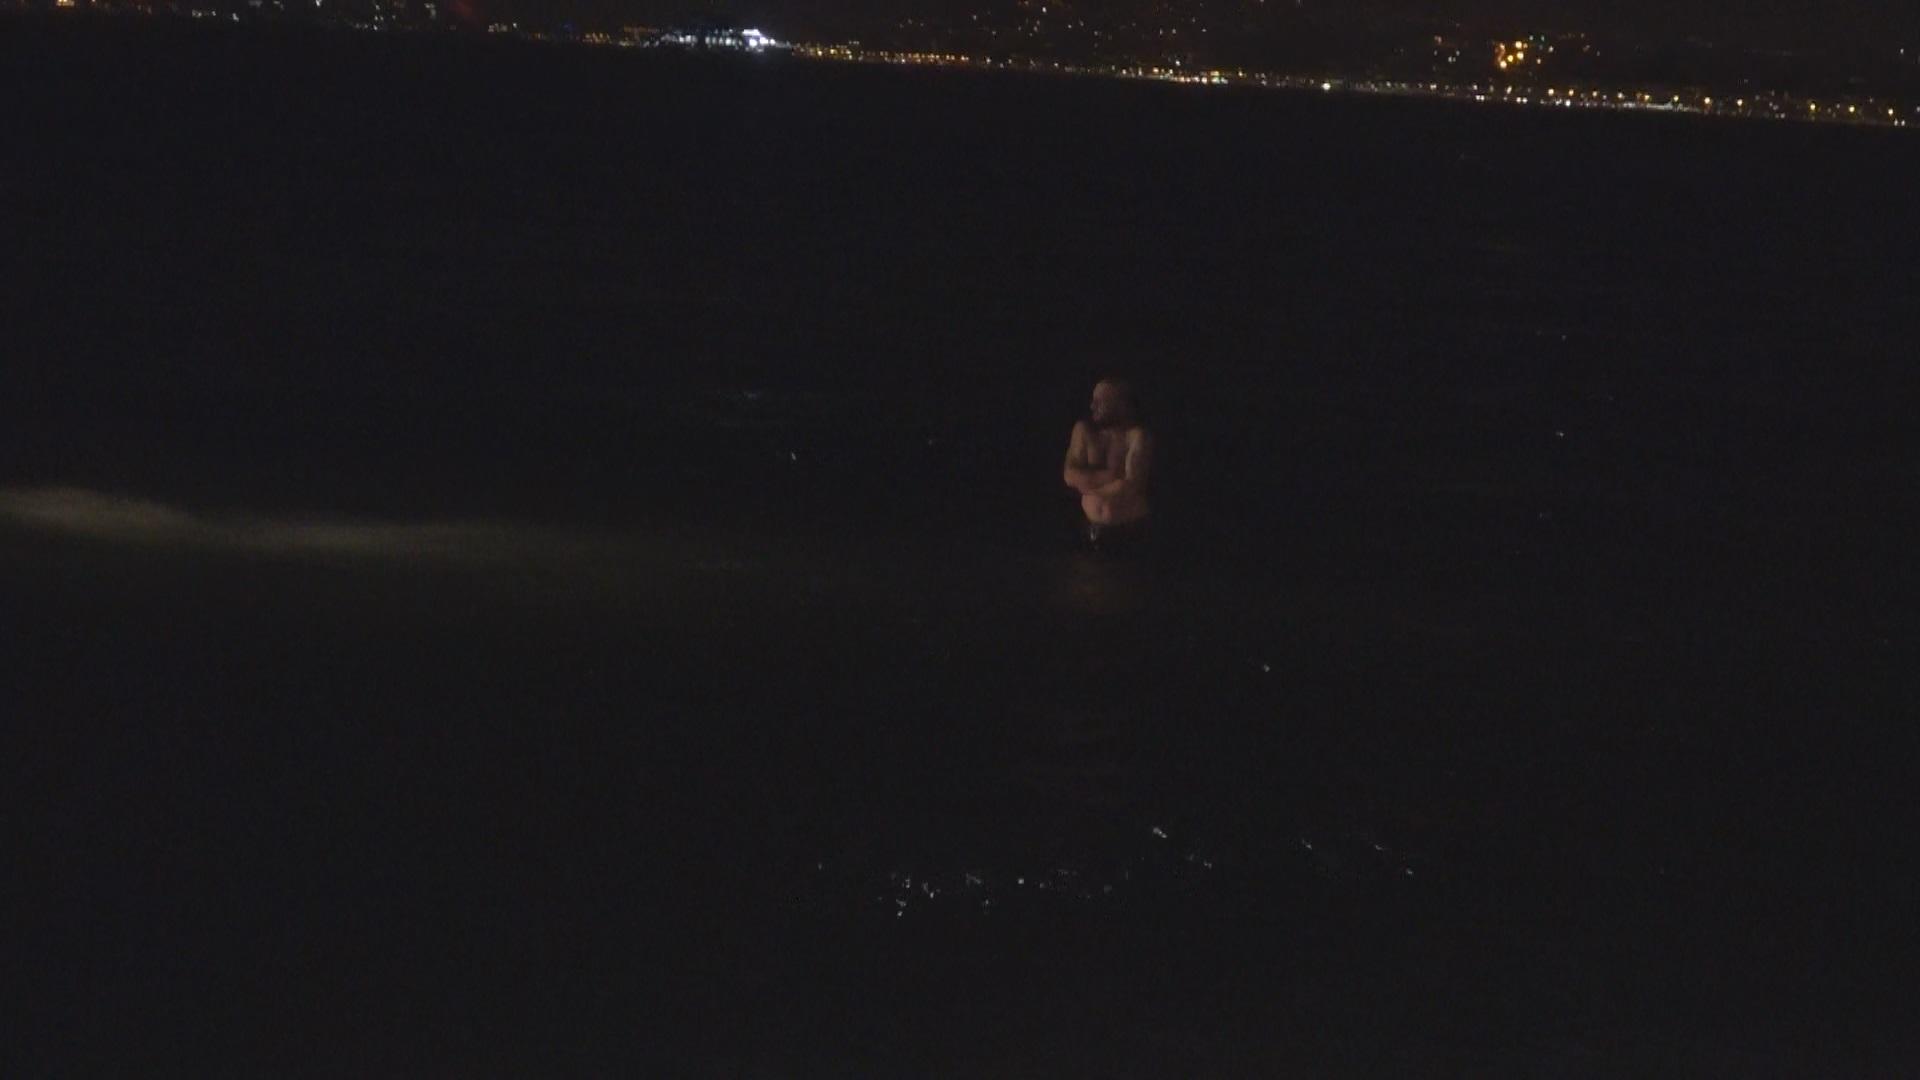 Polisten kaçan şüpheli şahıs, gözaltına alınmamak için denize atladı